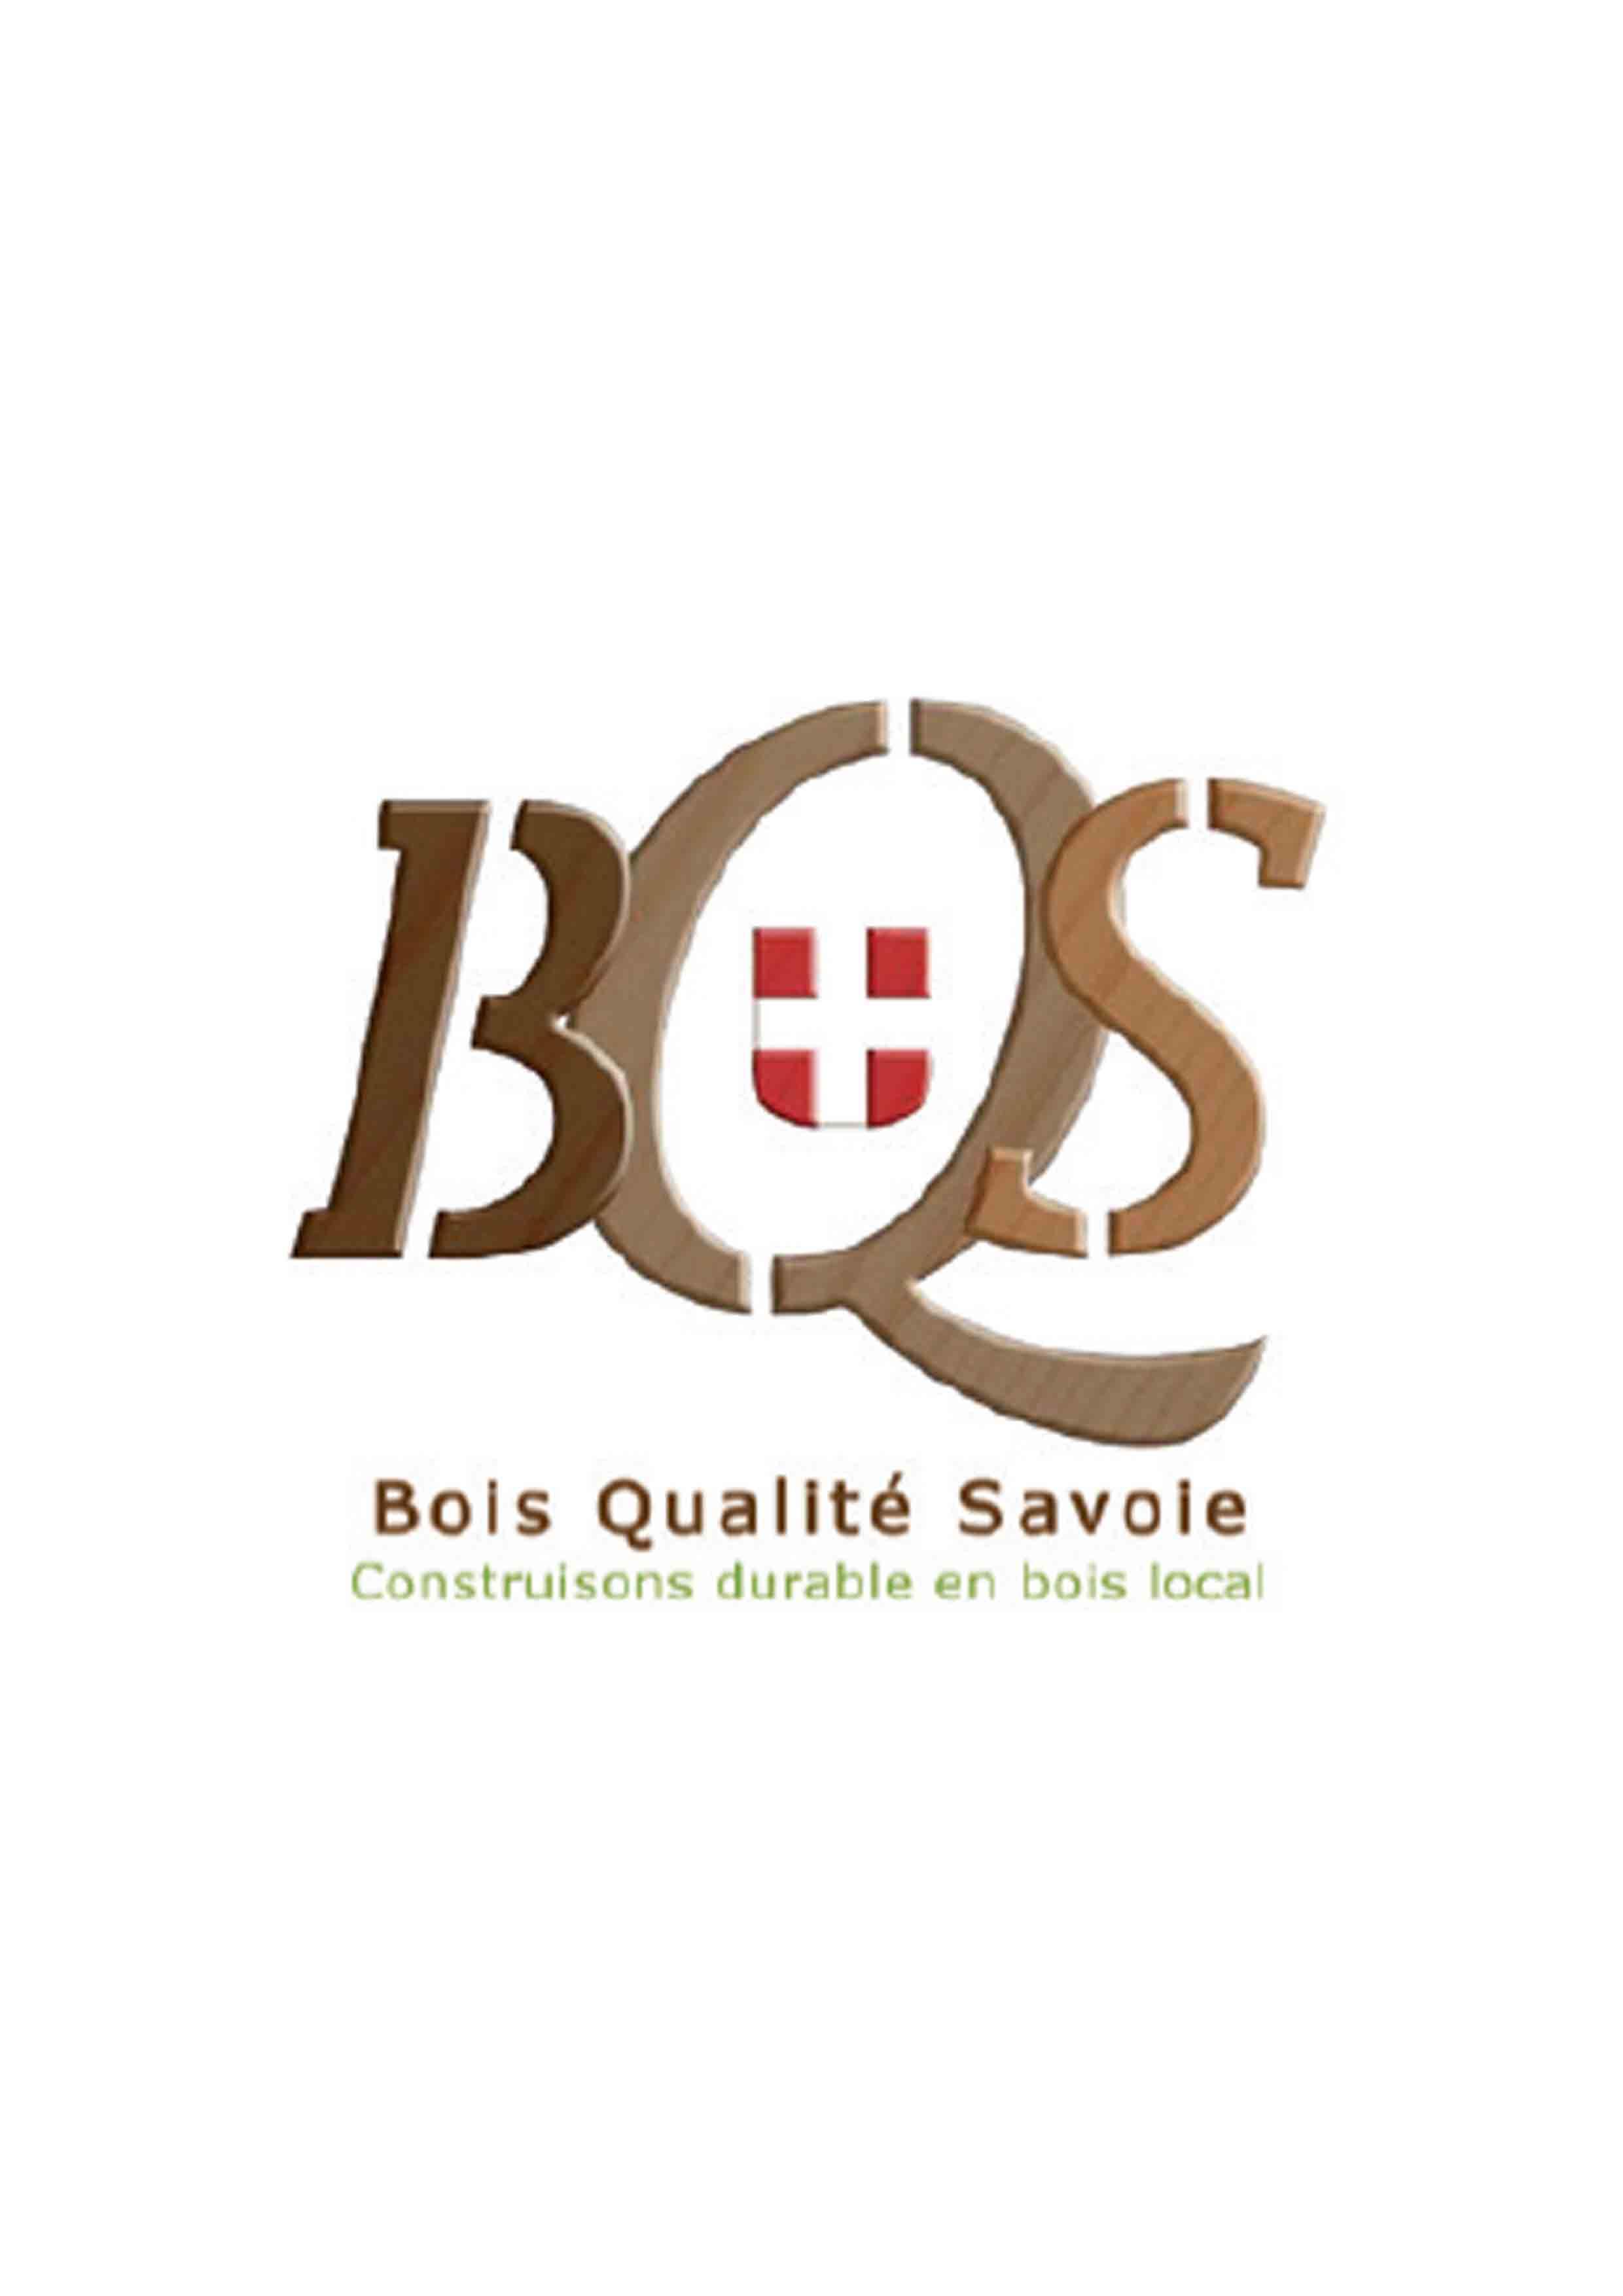 Bois Qualité Savoie logo